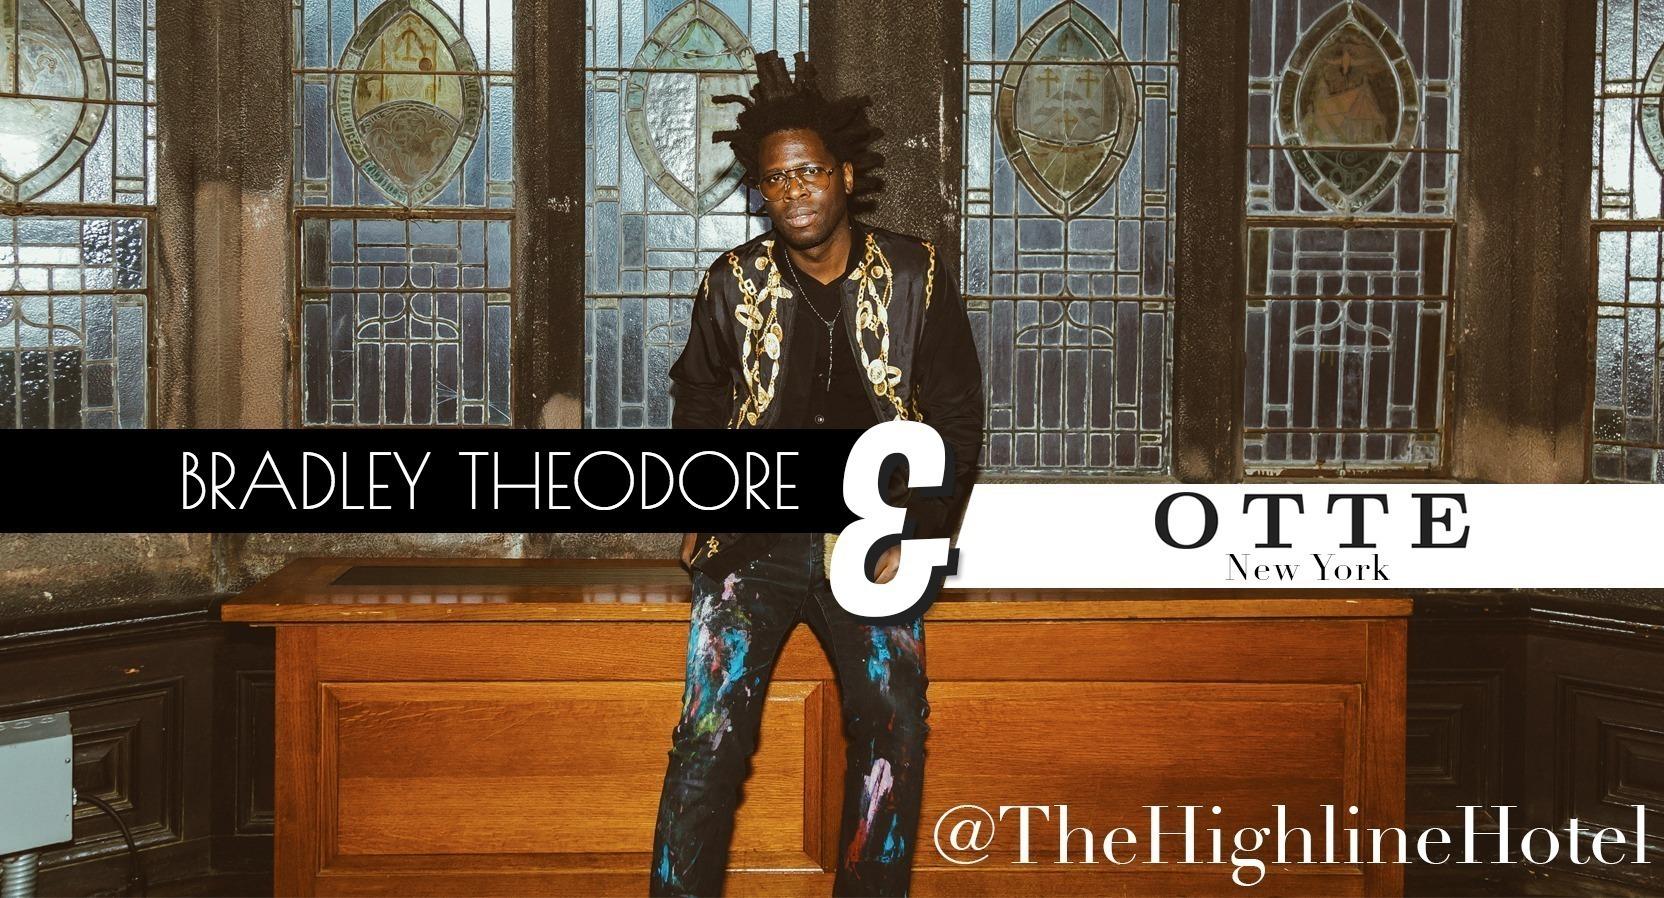 Bradley-Theodore-Otte-NY-The-Highline-Hotel-1